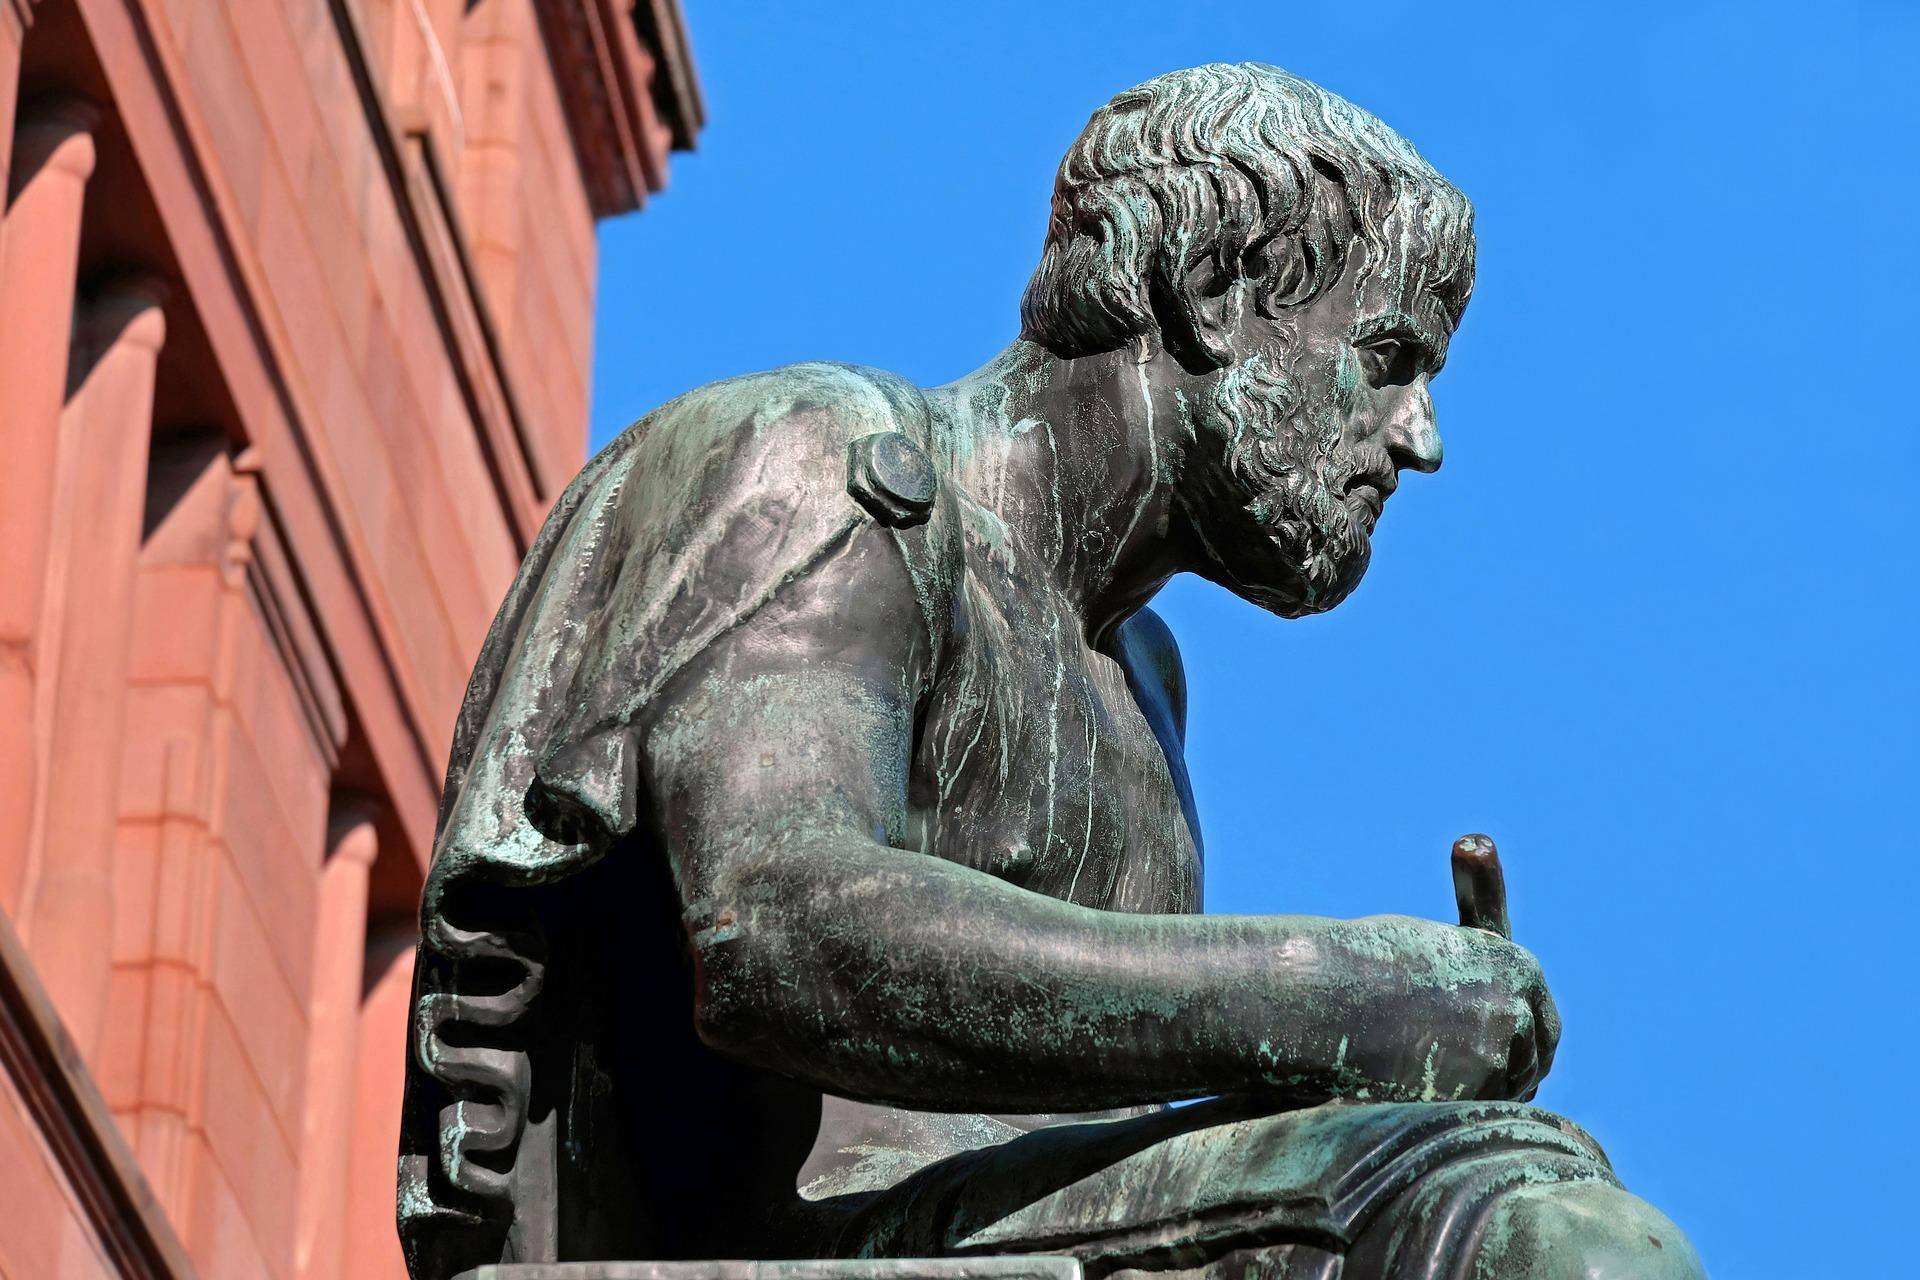 sculpture-2298848_1920.jpg